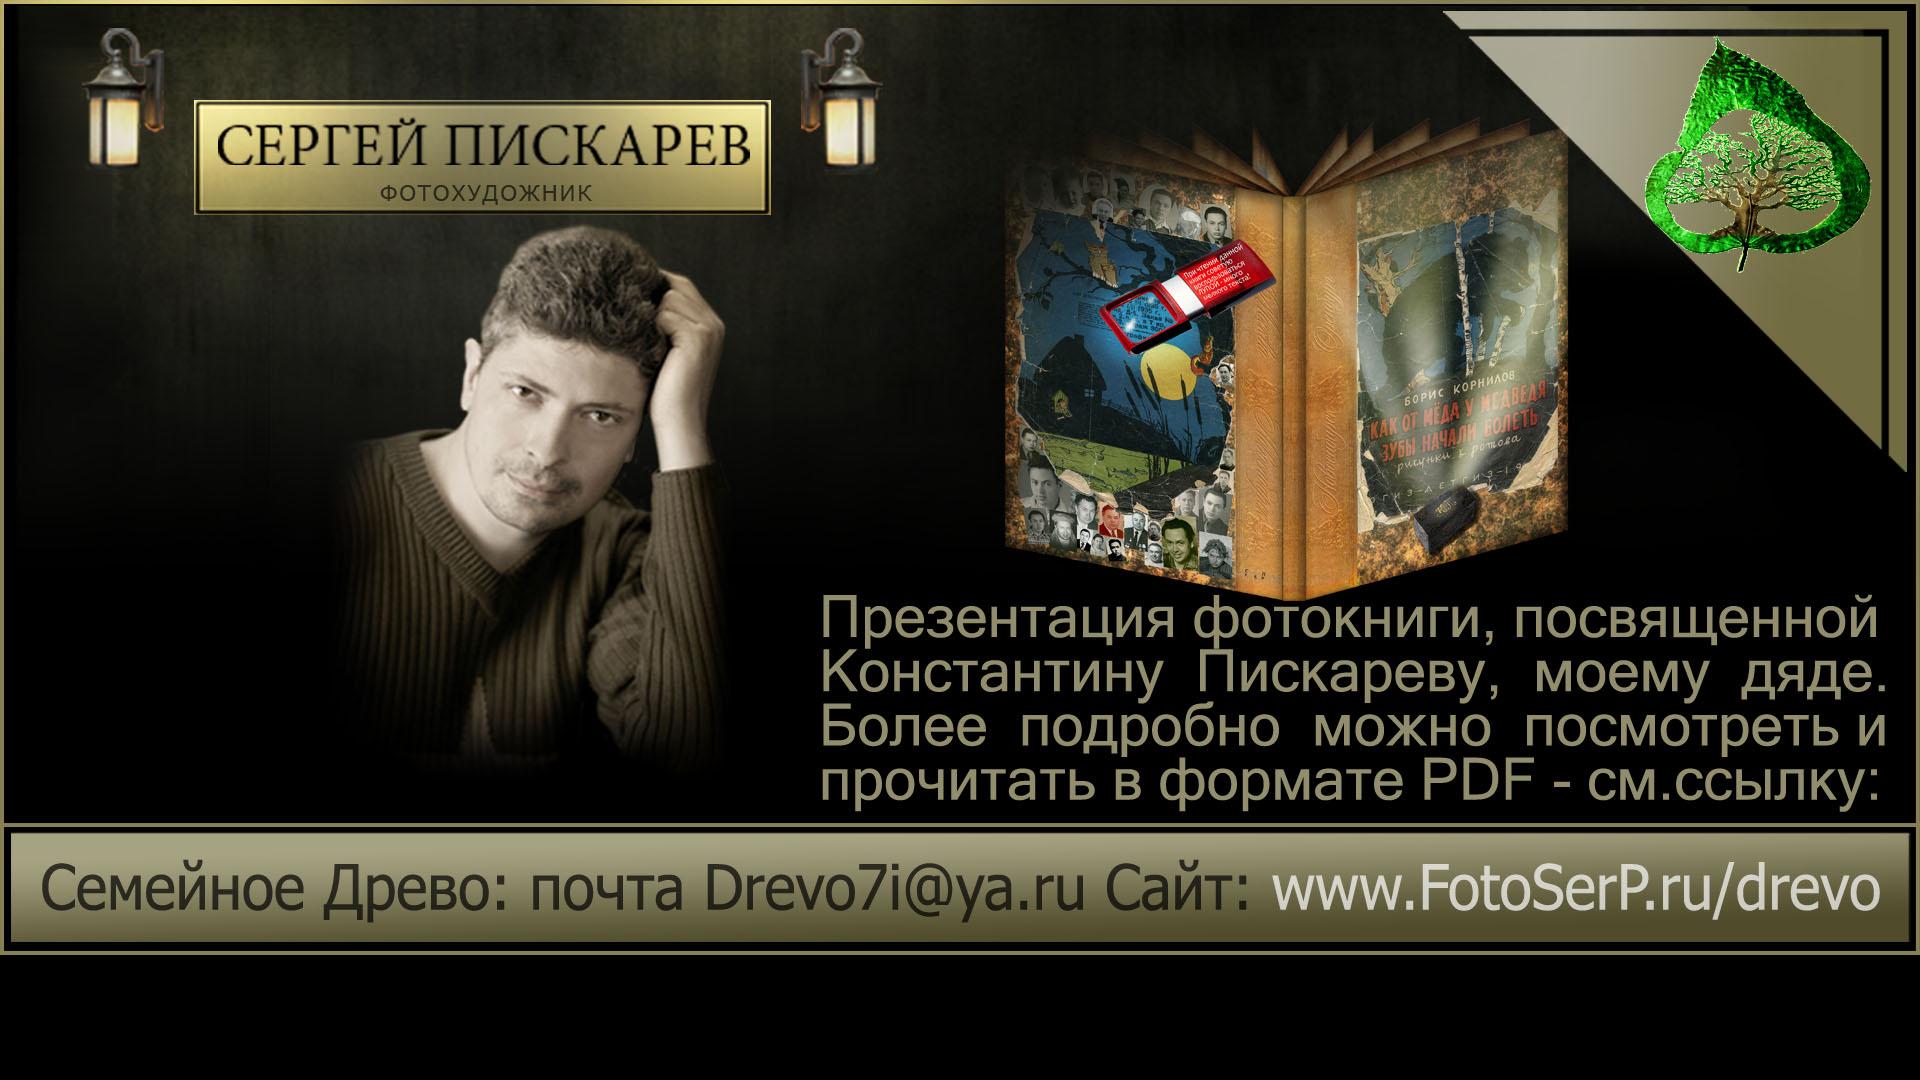 Посмотреть видео про образец фотокниги, посвященной моему дяде - Константину Пискареву